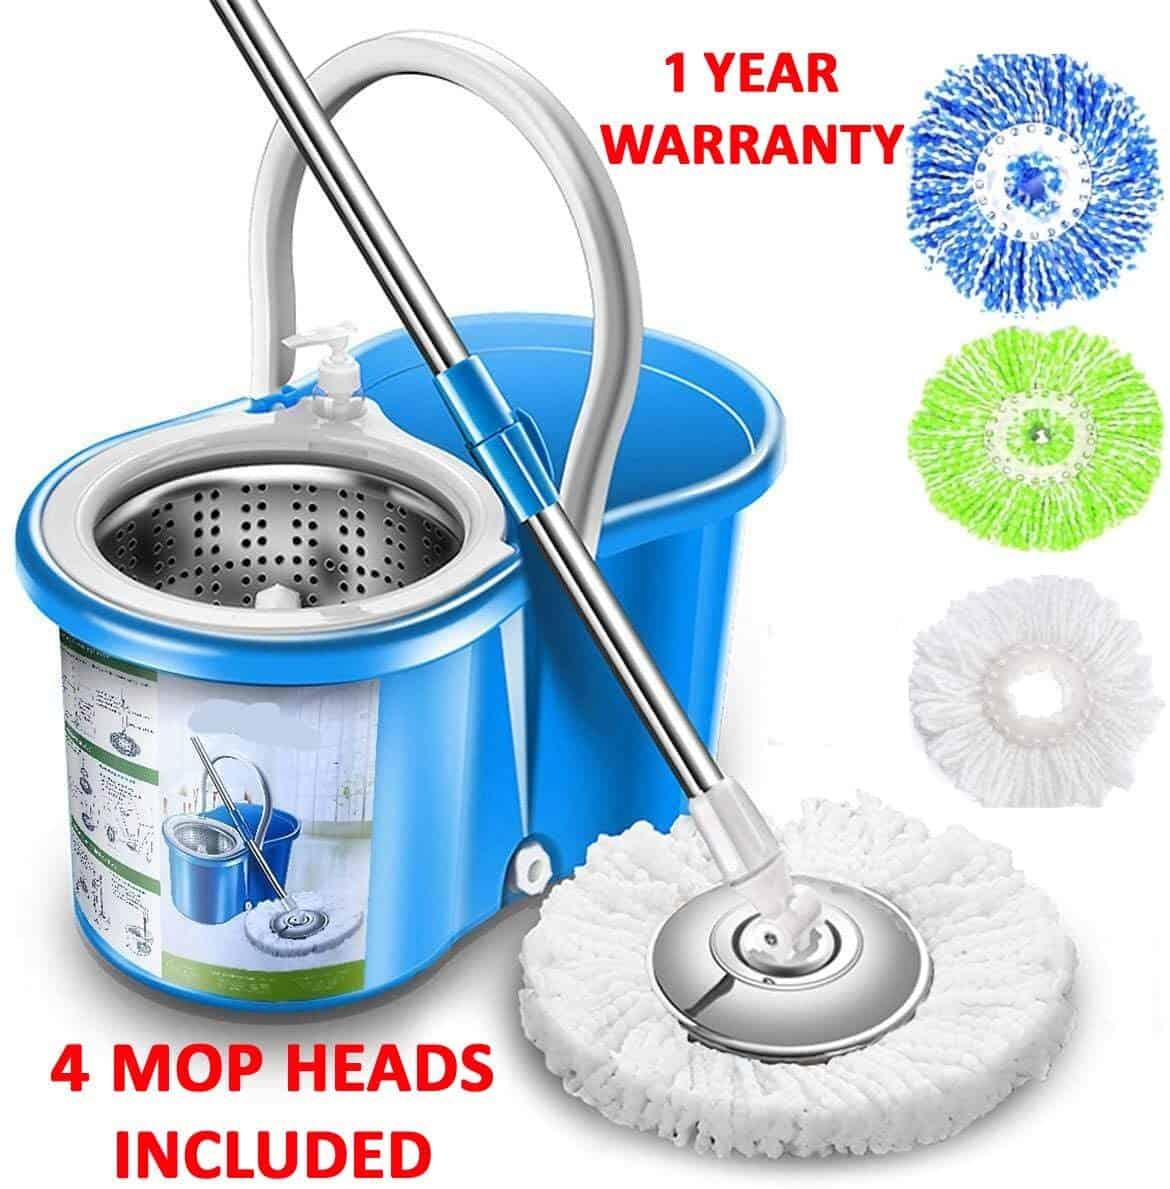 Simpli magic spin 4 headed mop